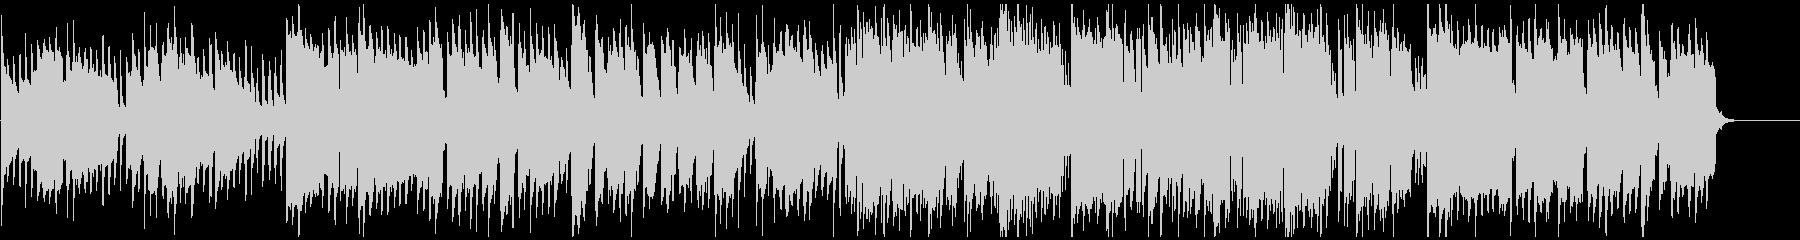 キラキラ音+クラリネットの妖精系BGMの未再生の波形